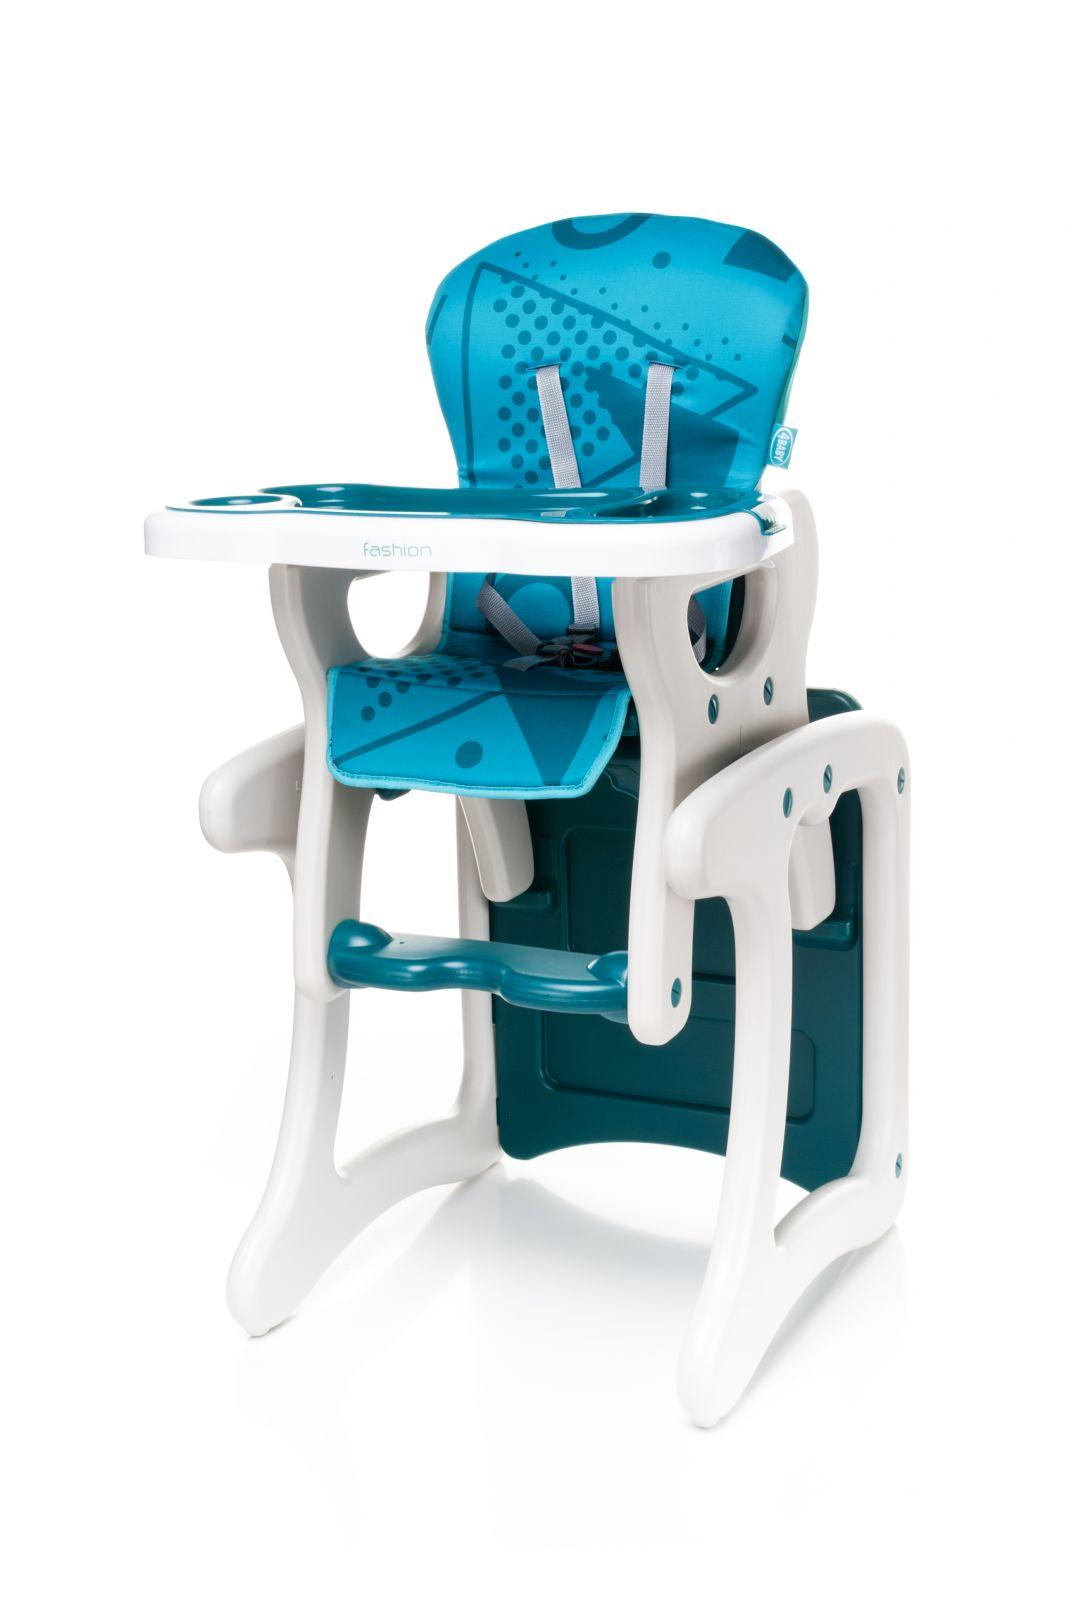 Jídelní židlička 4baby Fashion (2v1 - židlička + stoleček) Turkus